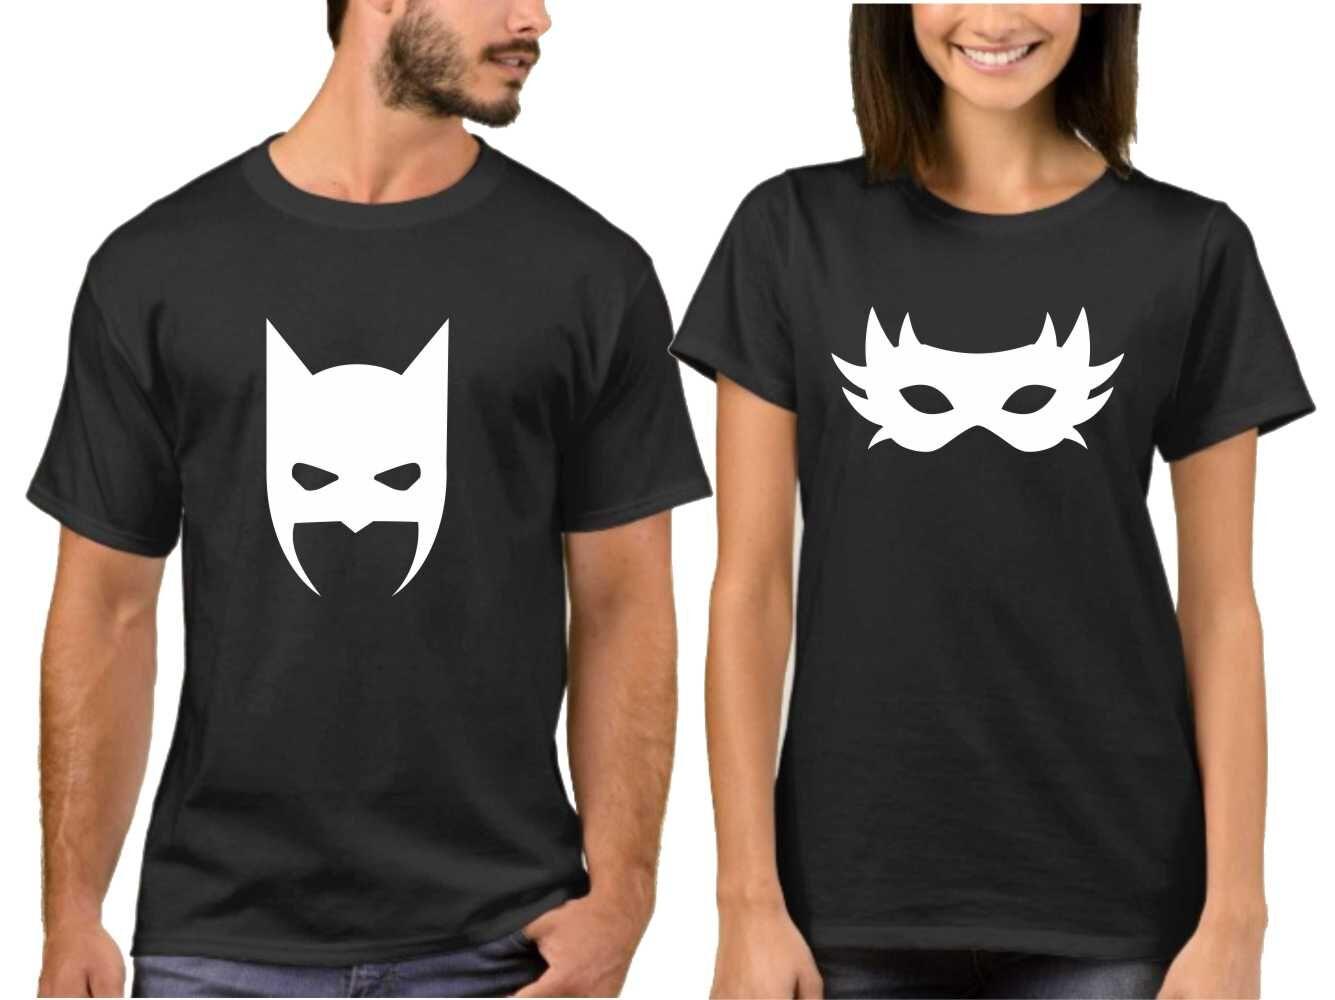 594d526b5f02 ΜΠΛΟΥΖΕΣ ΜΕ ΣΤΑΜΠΕΣ    Μπλούζες για ζευγάρια    Μπλούζες για ...